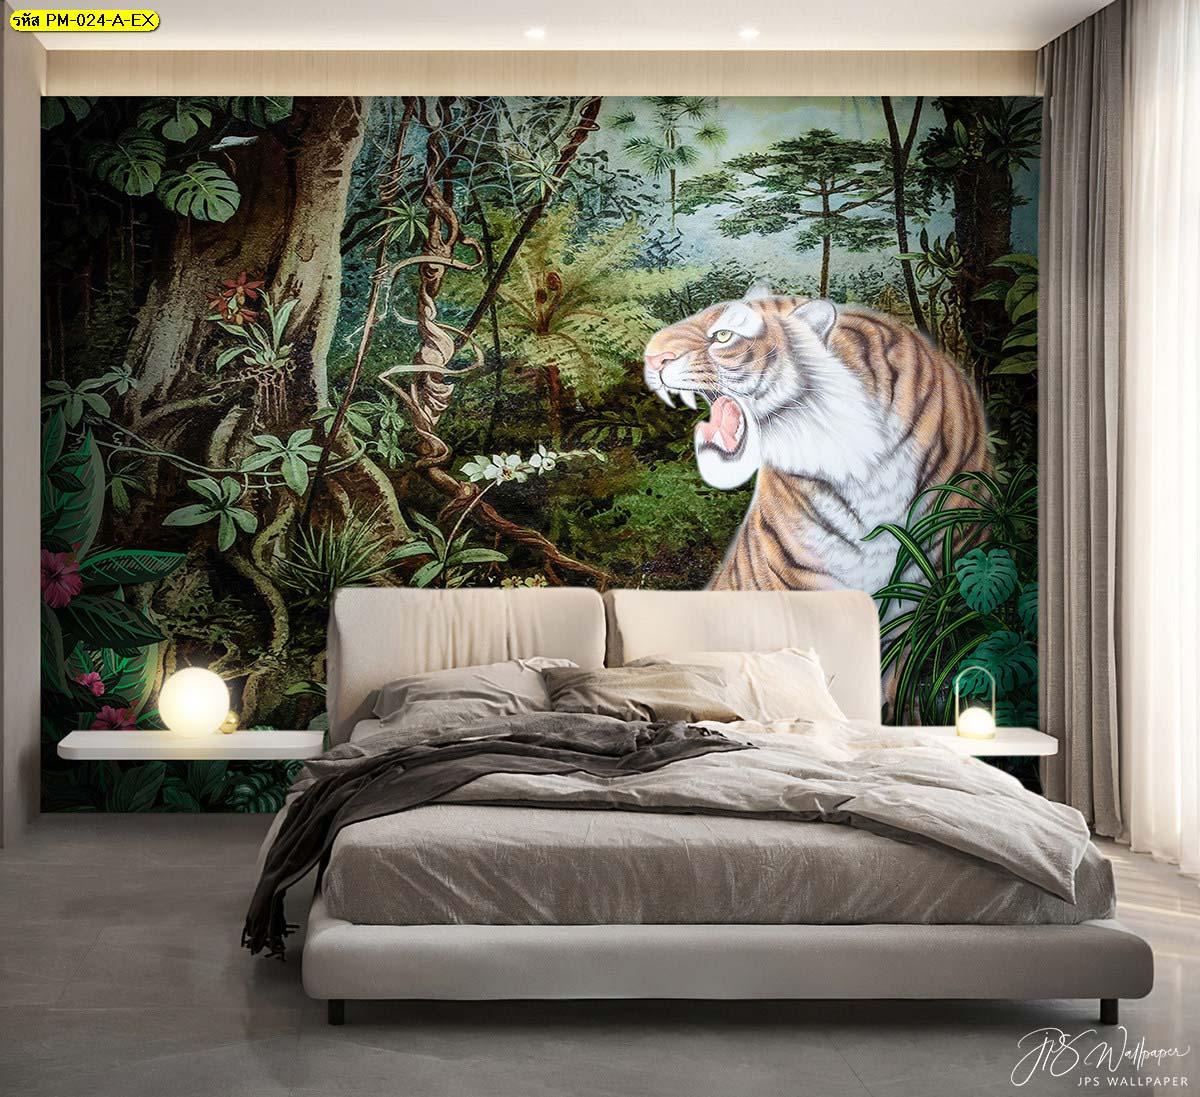 วอลเปเปอร์ติดผนังภาพเสือ สั่งพิมพ์ภาพติดผนังห้องนอน วอลเปเปอร์ติดผนังหัวเตียง